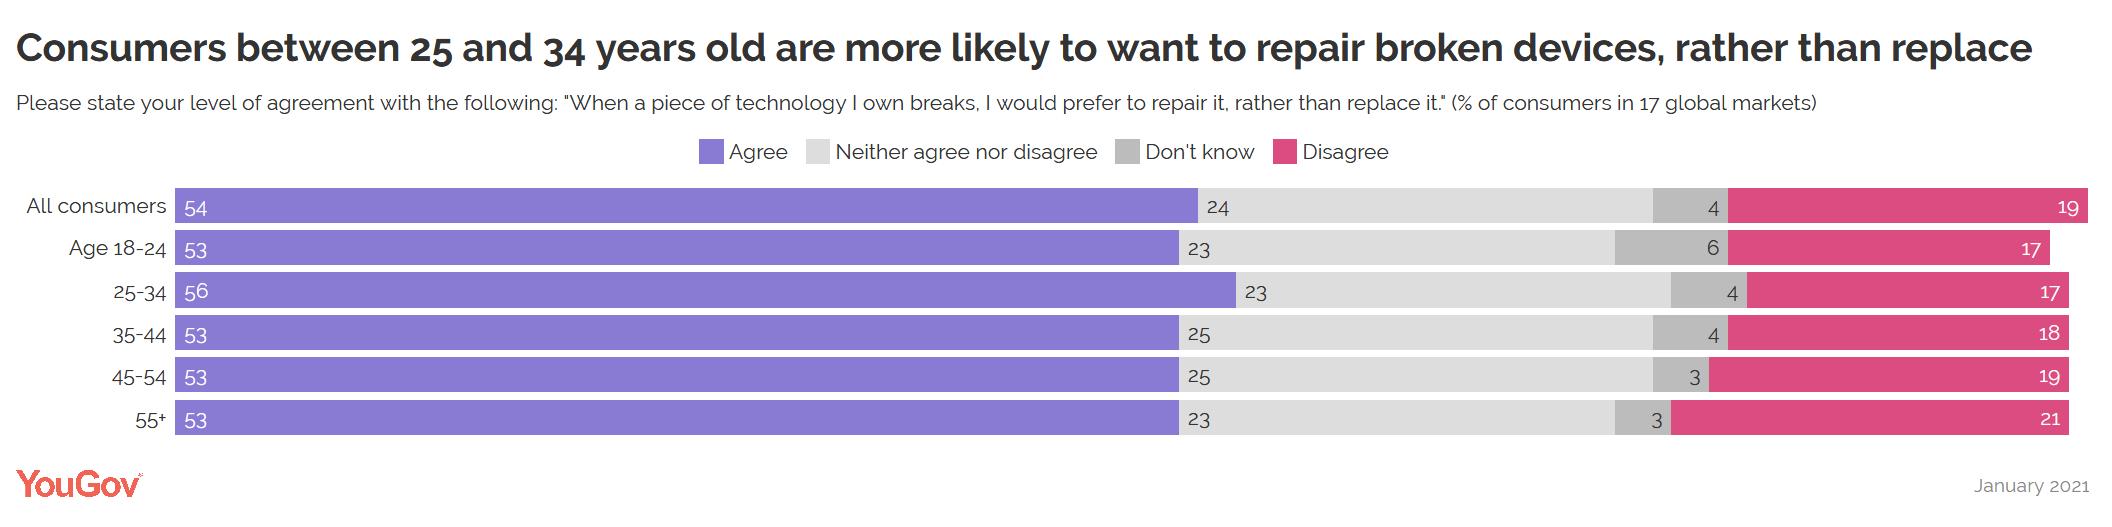 YouGov:71%的印度人更願意修理損壞的裝置